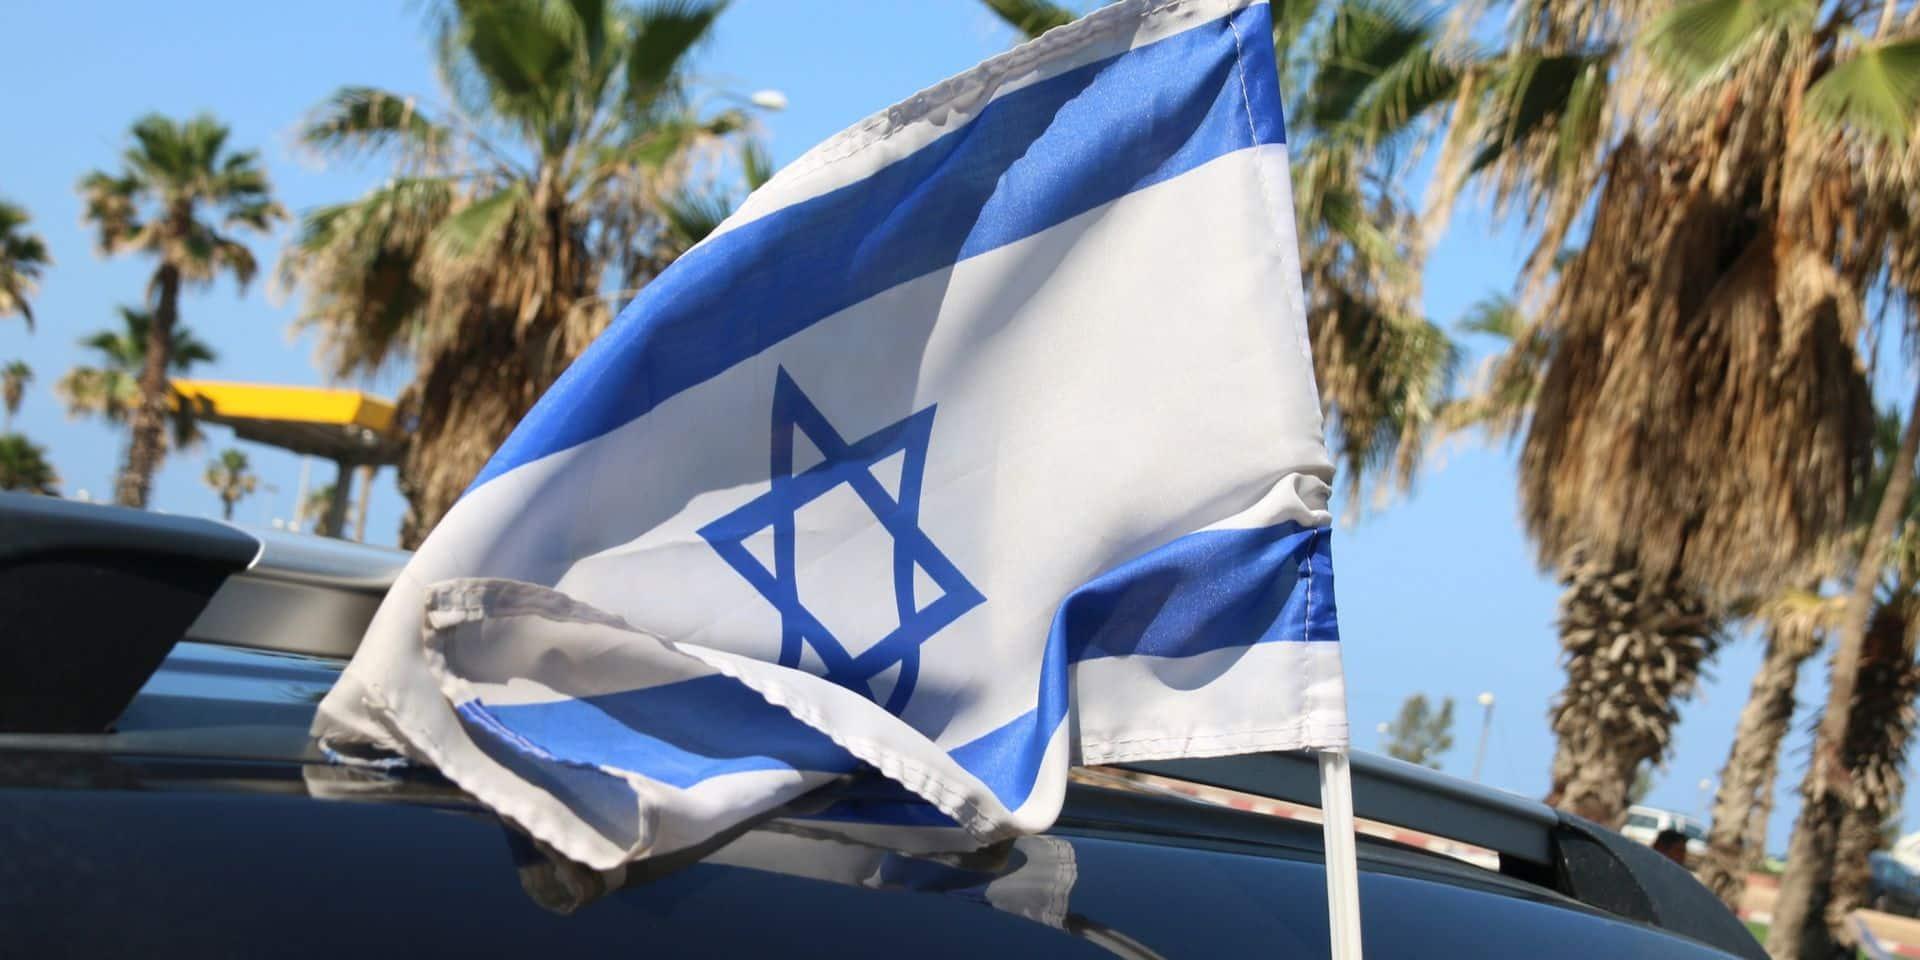 Les coups politiques des services secrets israéliens